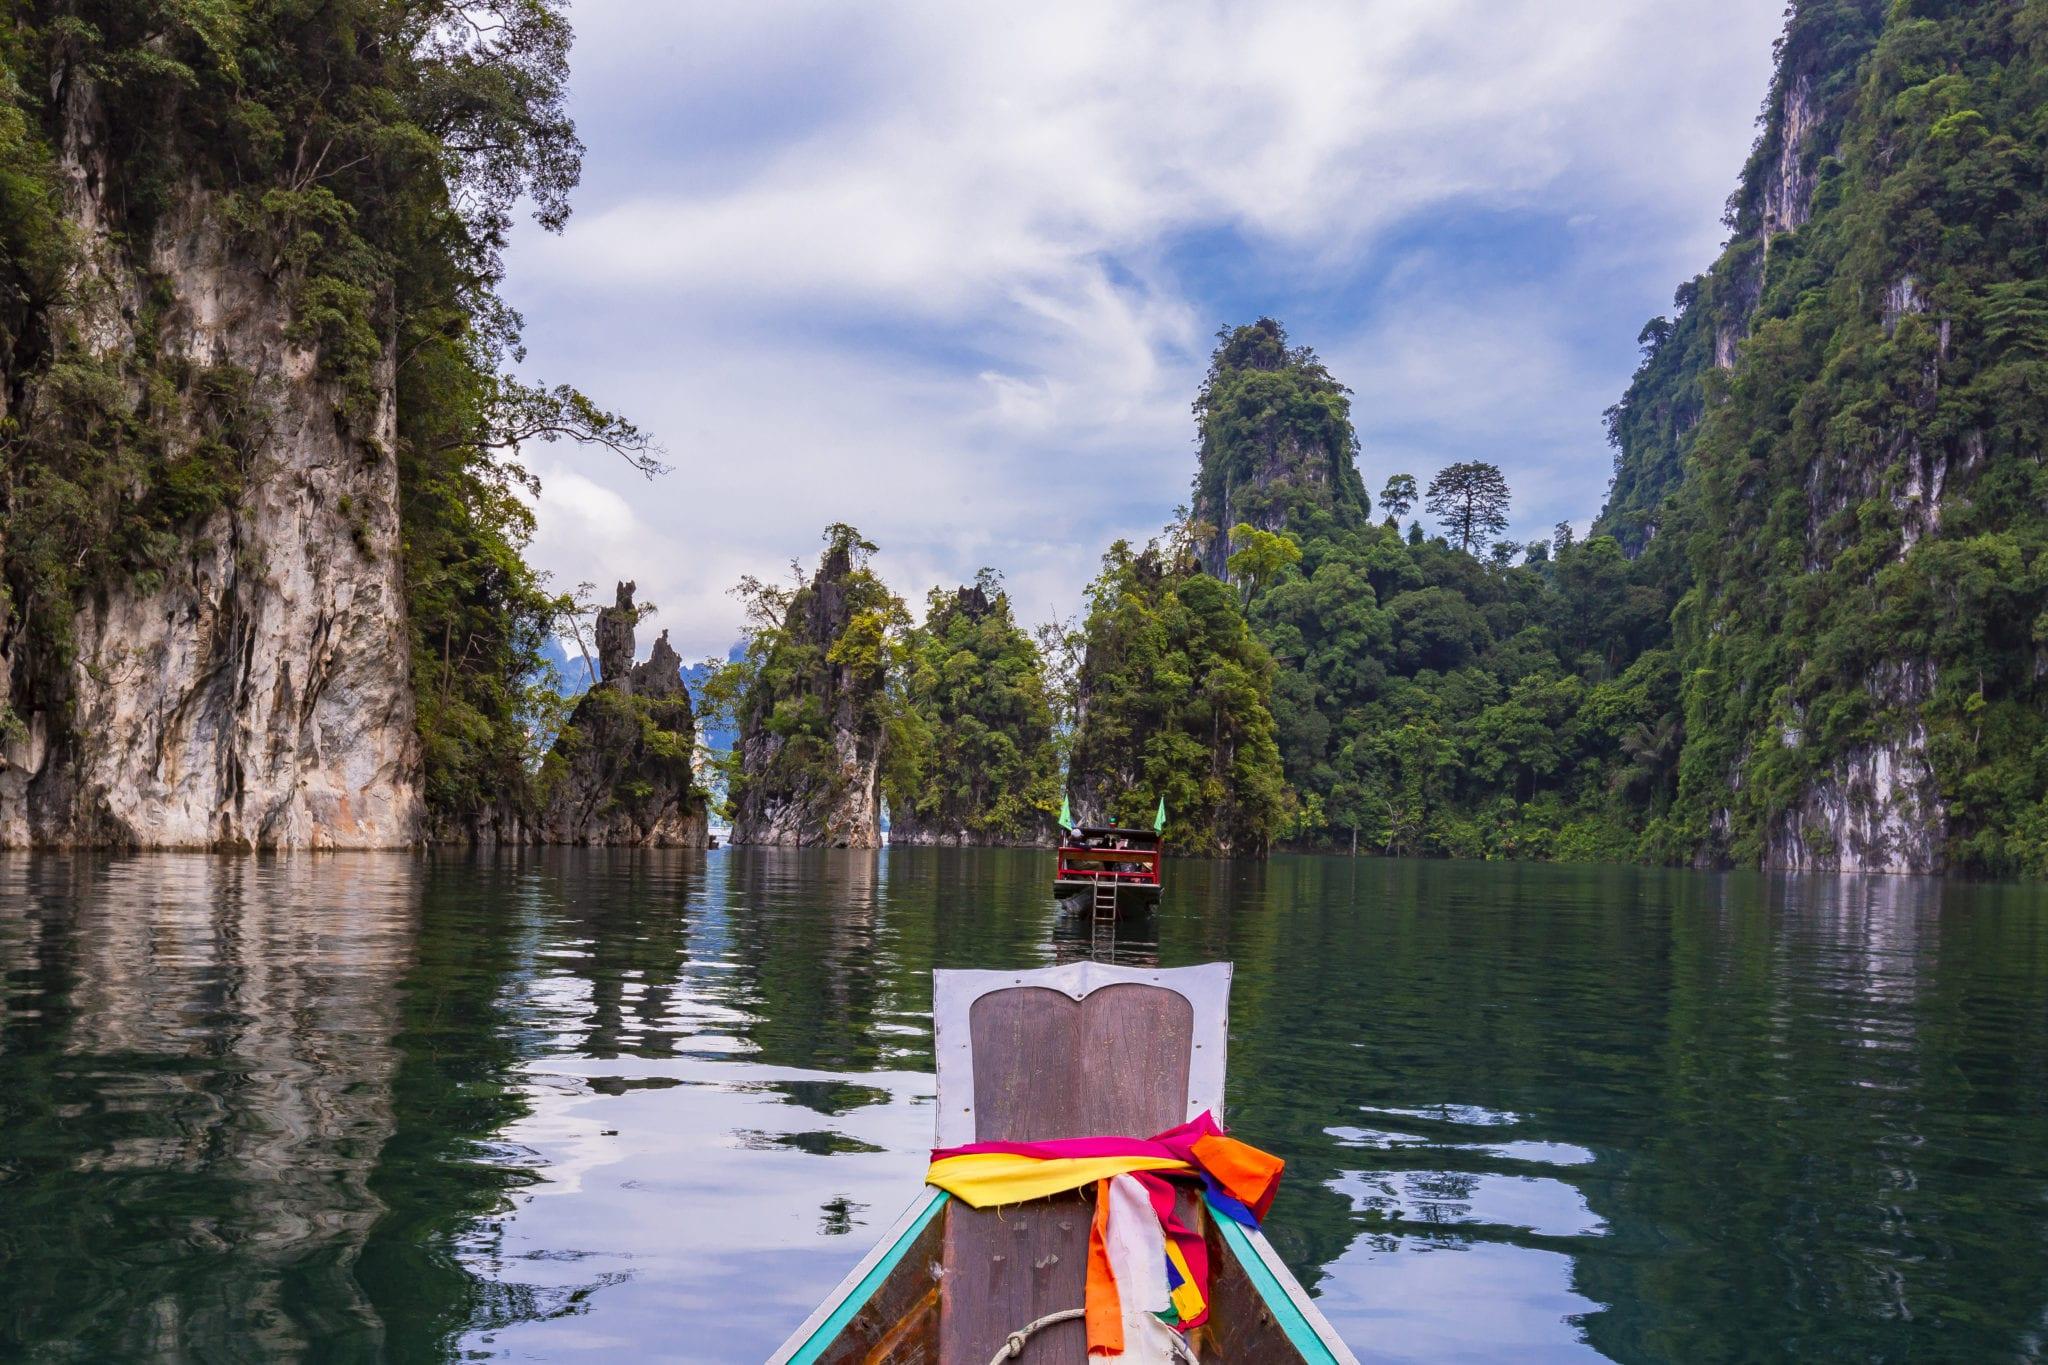 อุทยานแห่งชาติ สืบ นาคะเสถียร ป่าสงวน อุทยานแห่งชาติในประเทศไทย